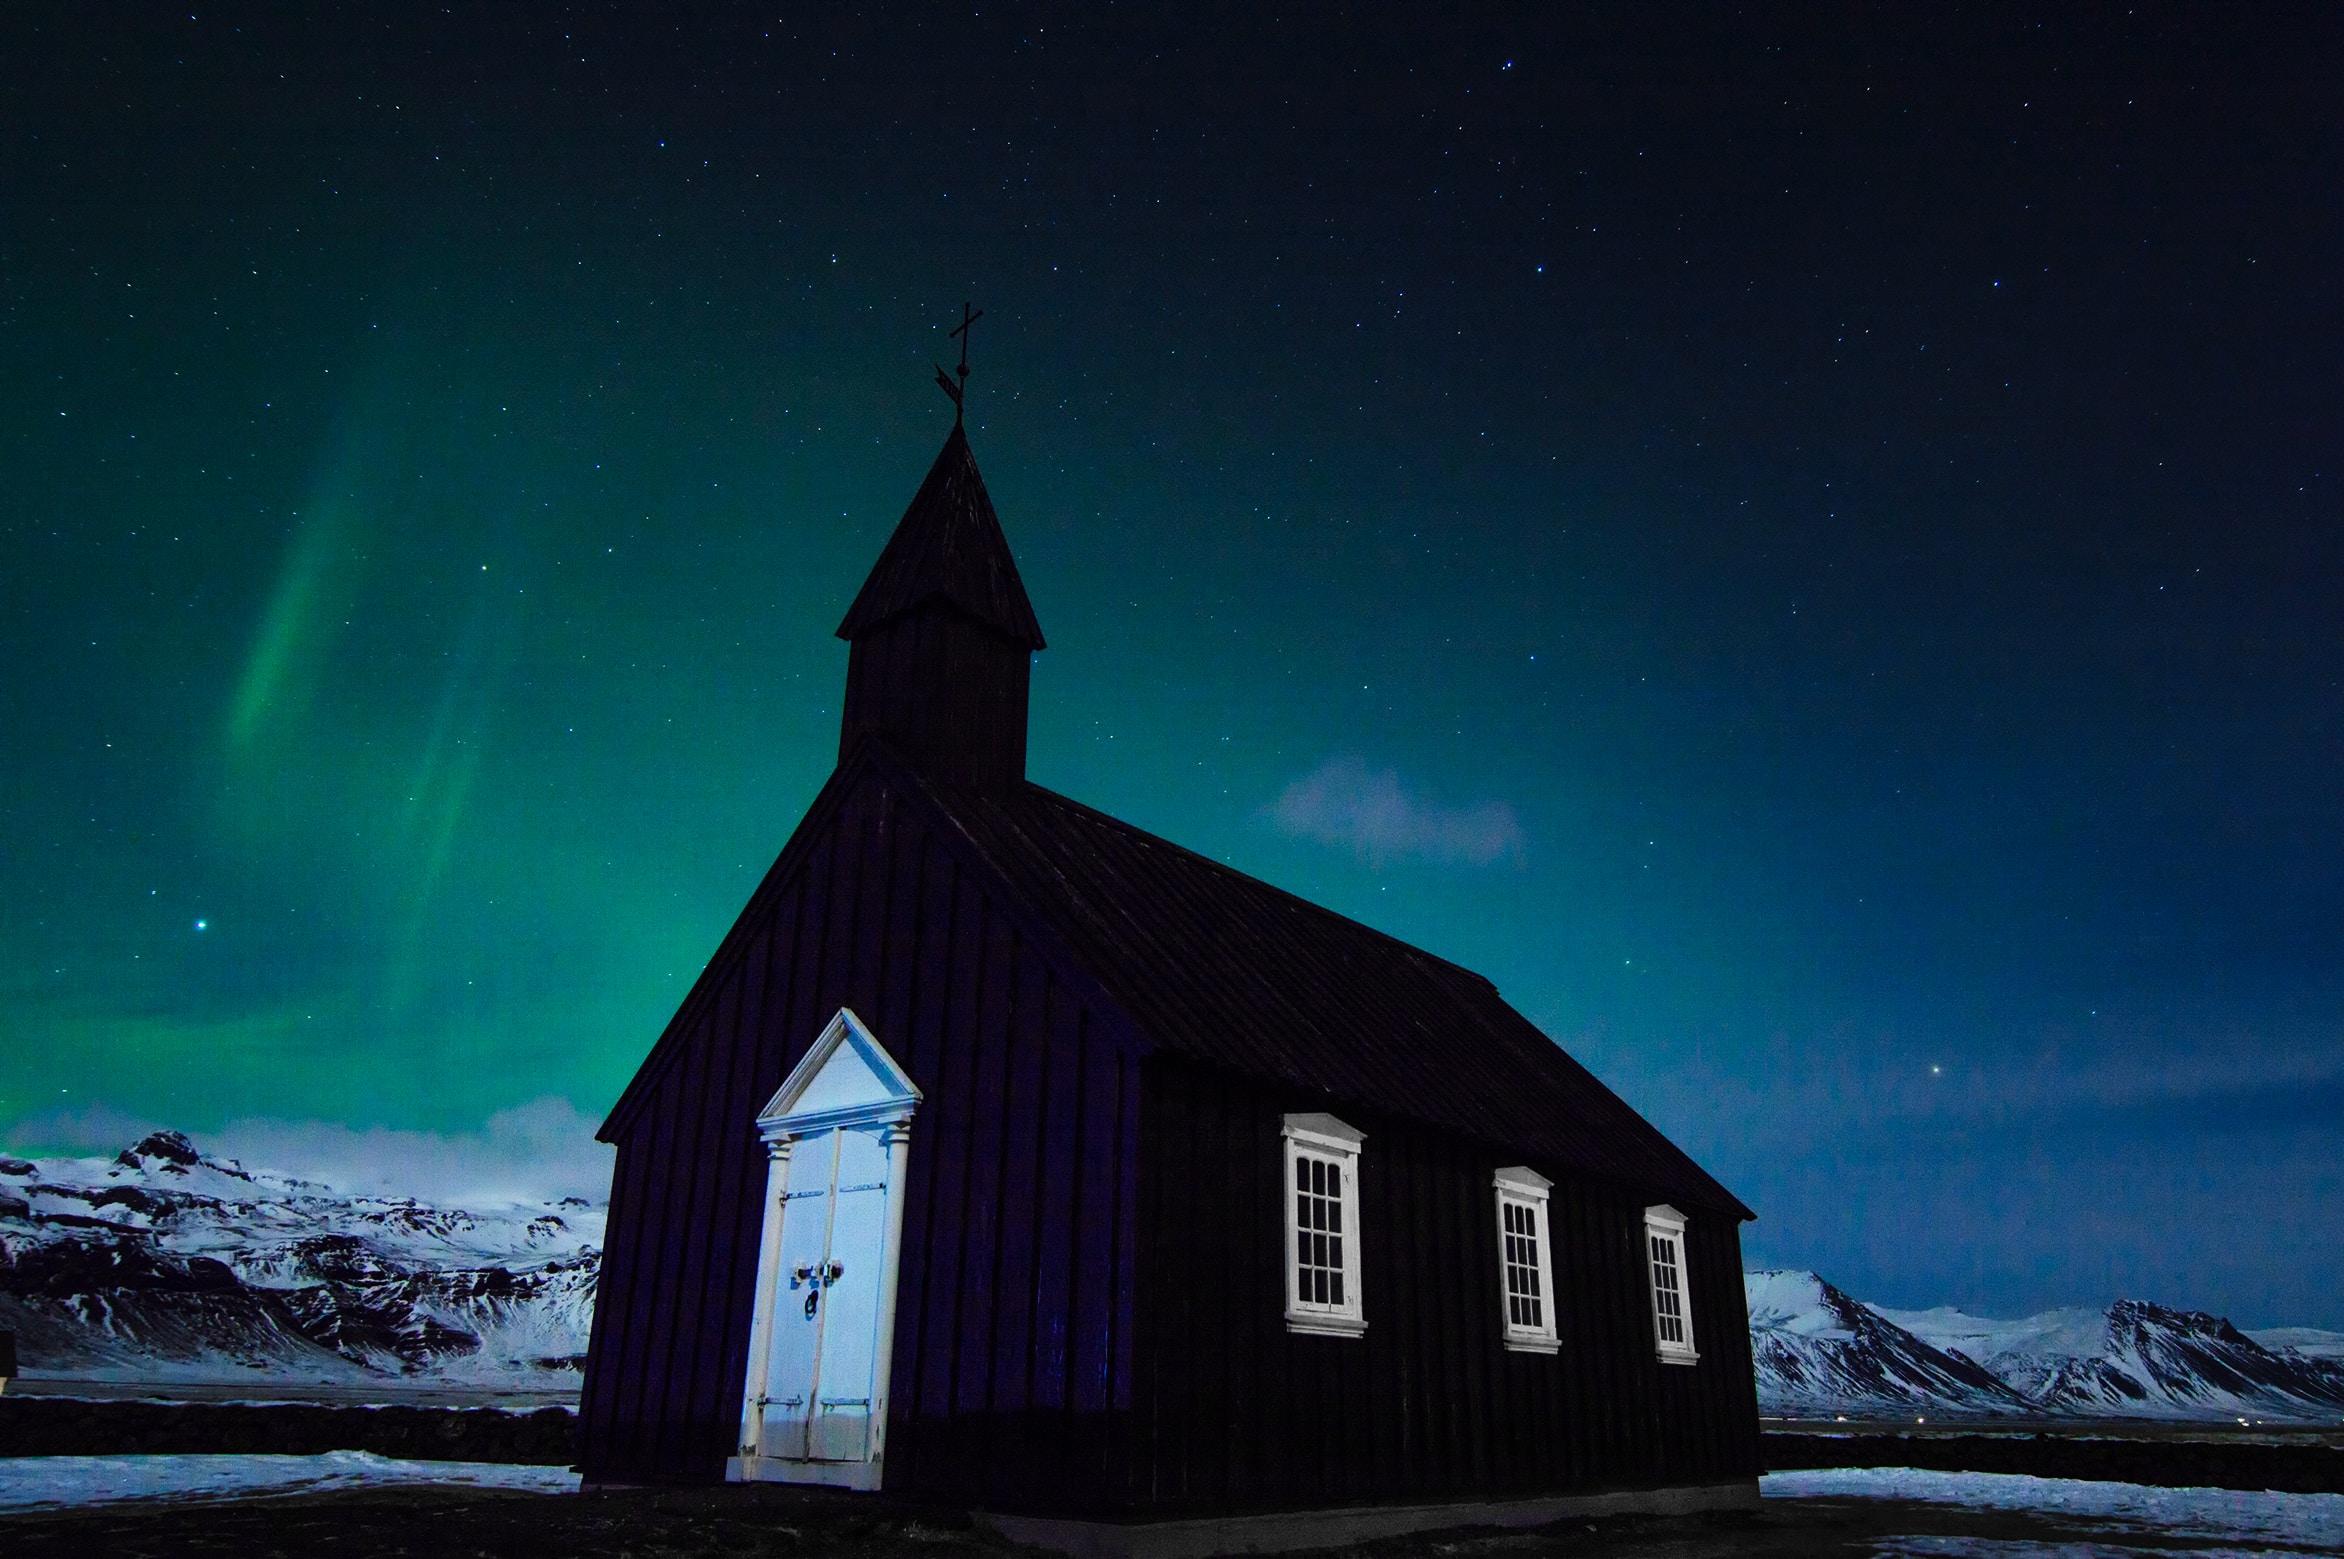 4-tägige geführte Islandreise | Blaue Eishöhle, Südküste & Snaefellsnes